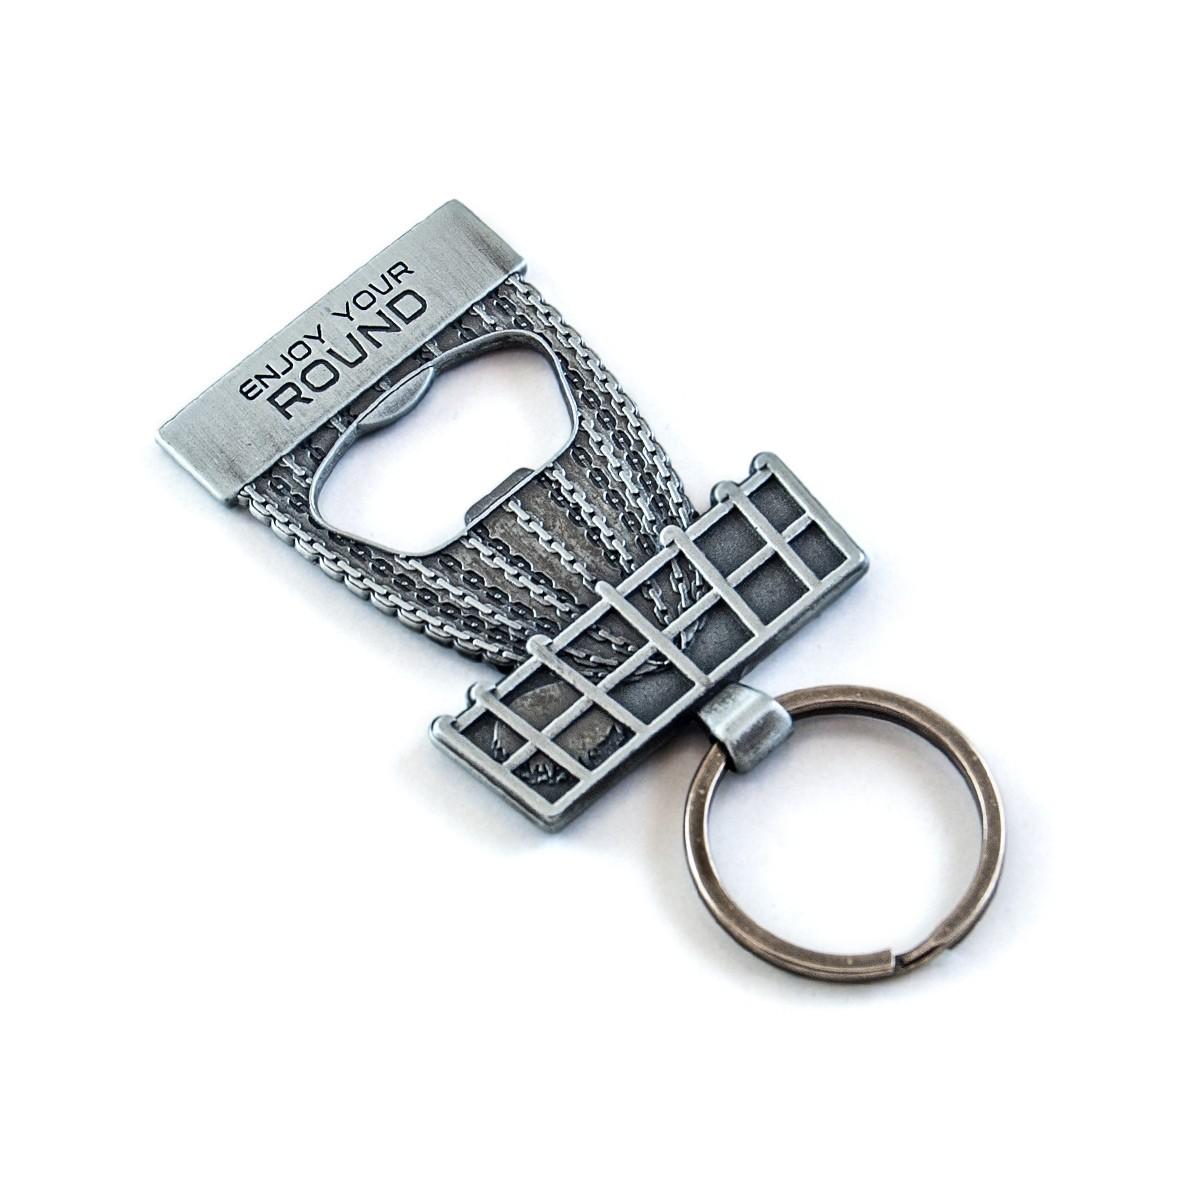 Innova DISCathcer Bottle Opener Keychain